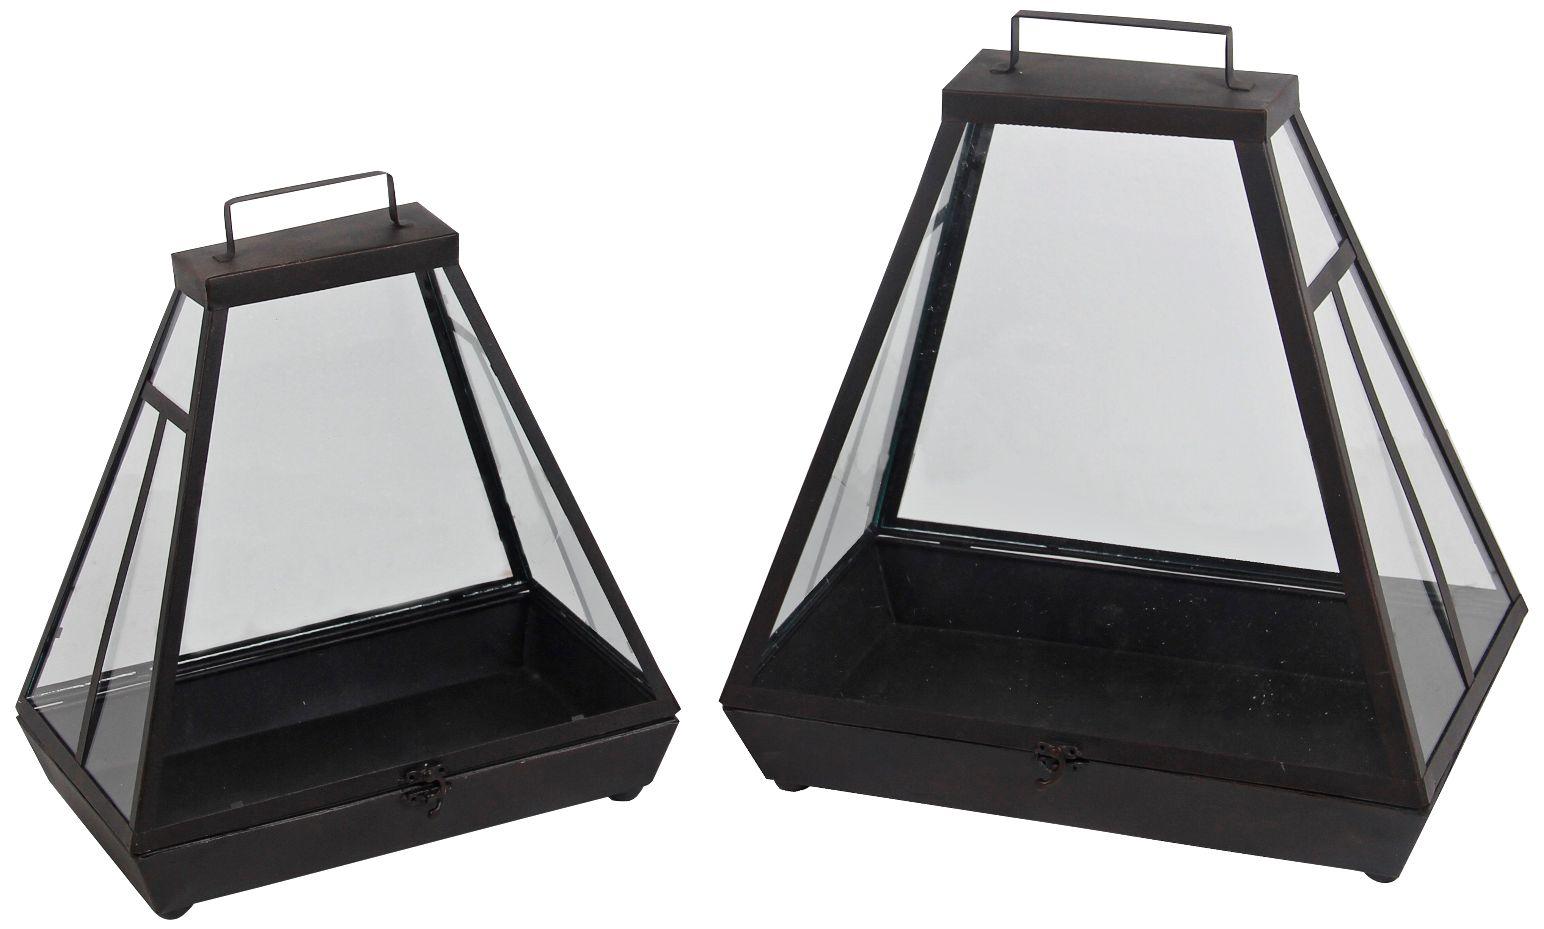 Hearth Black Votive Lantern 2 Piece Candle Holder Set